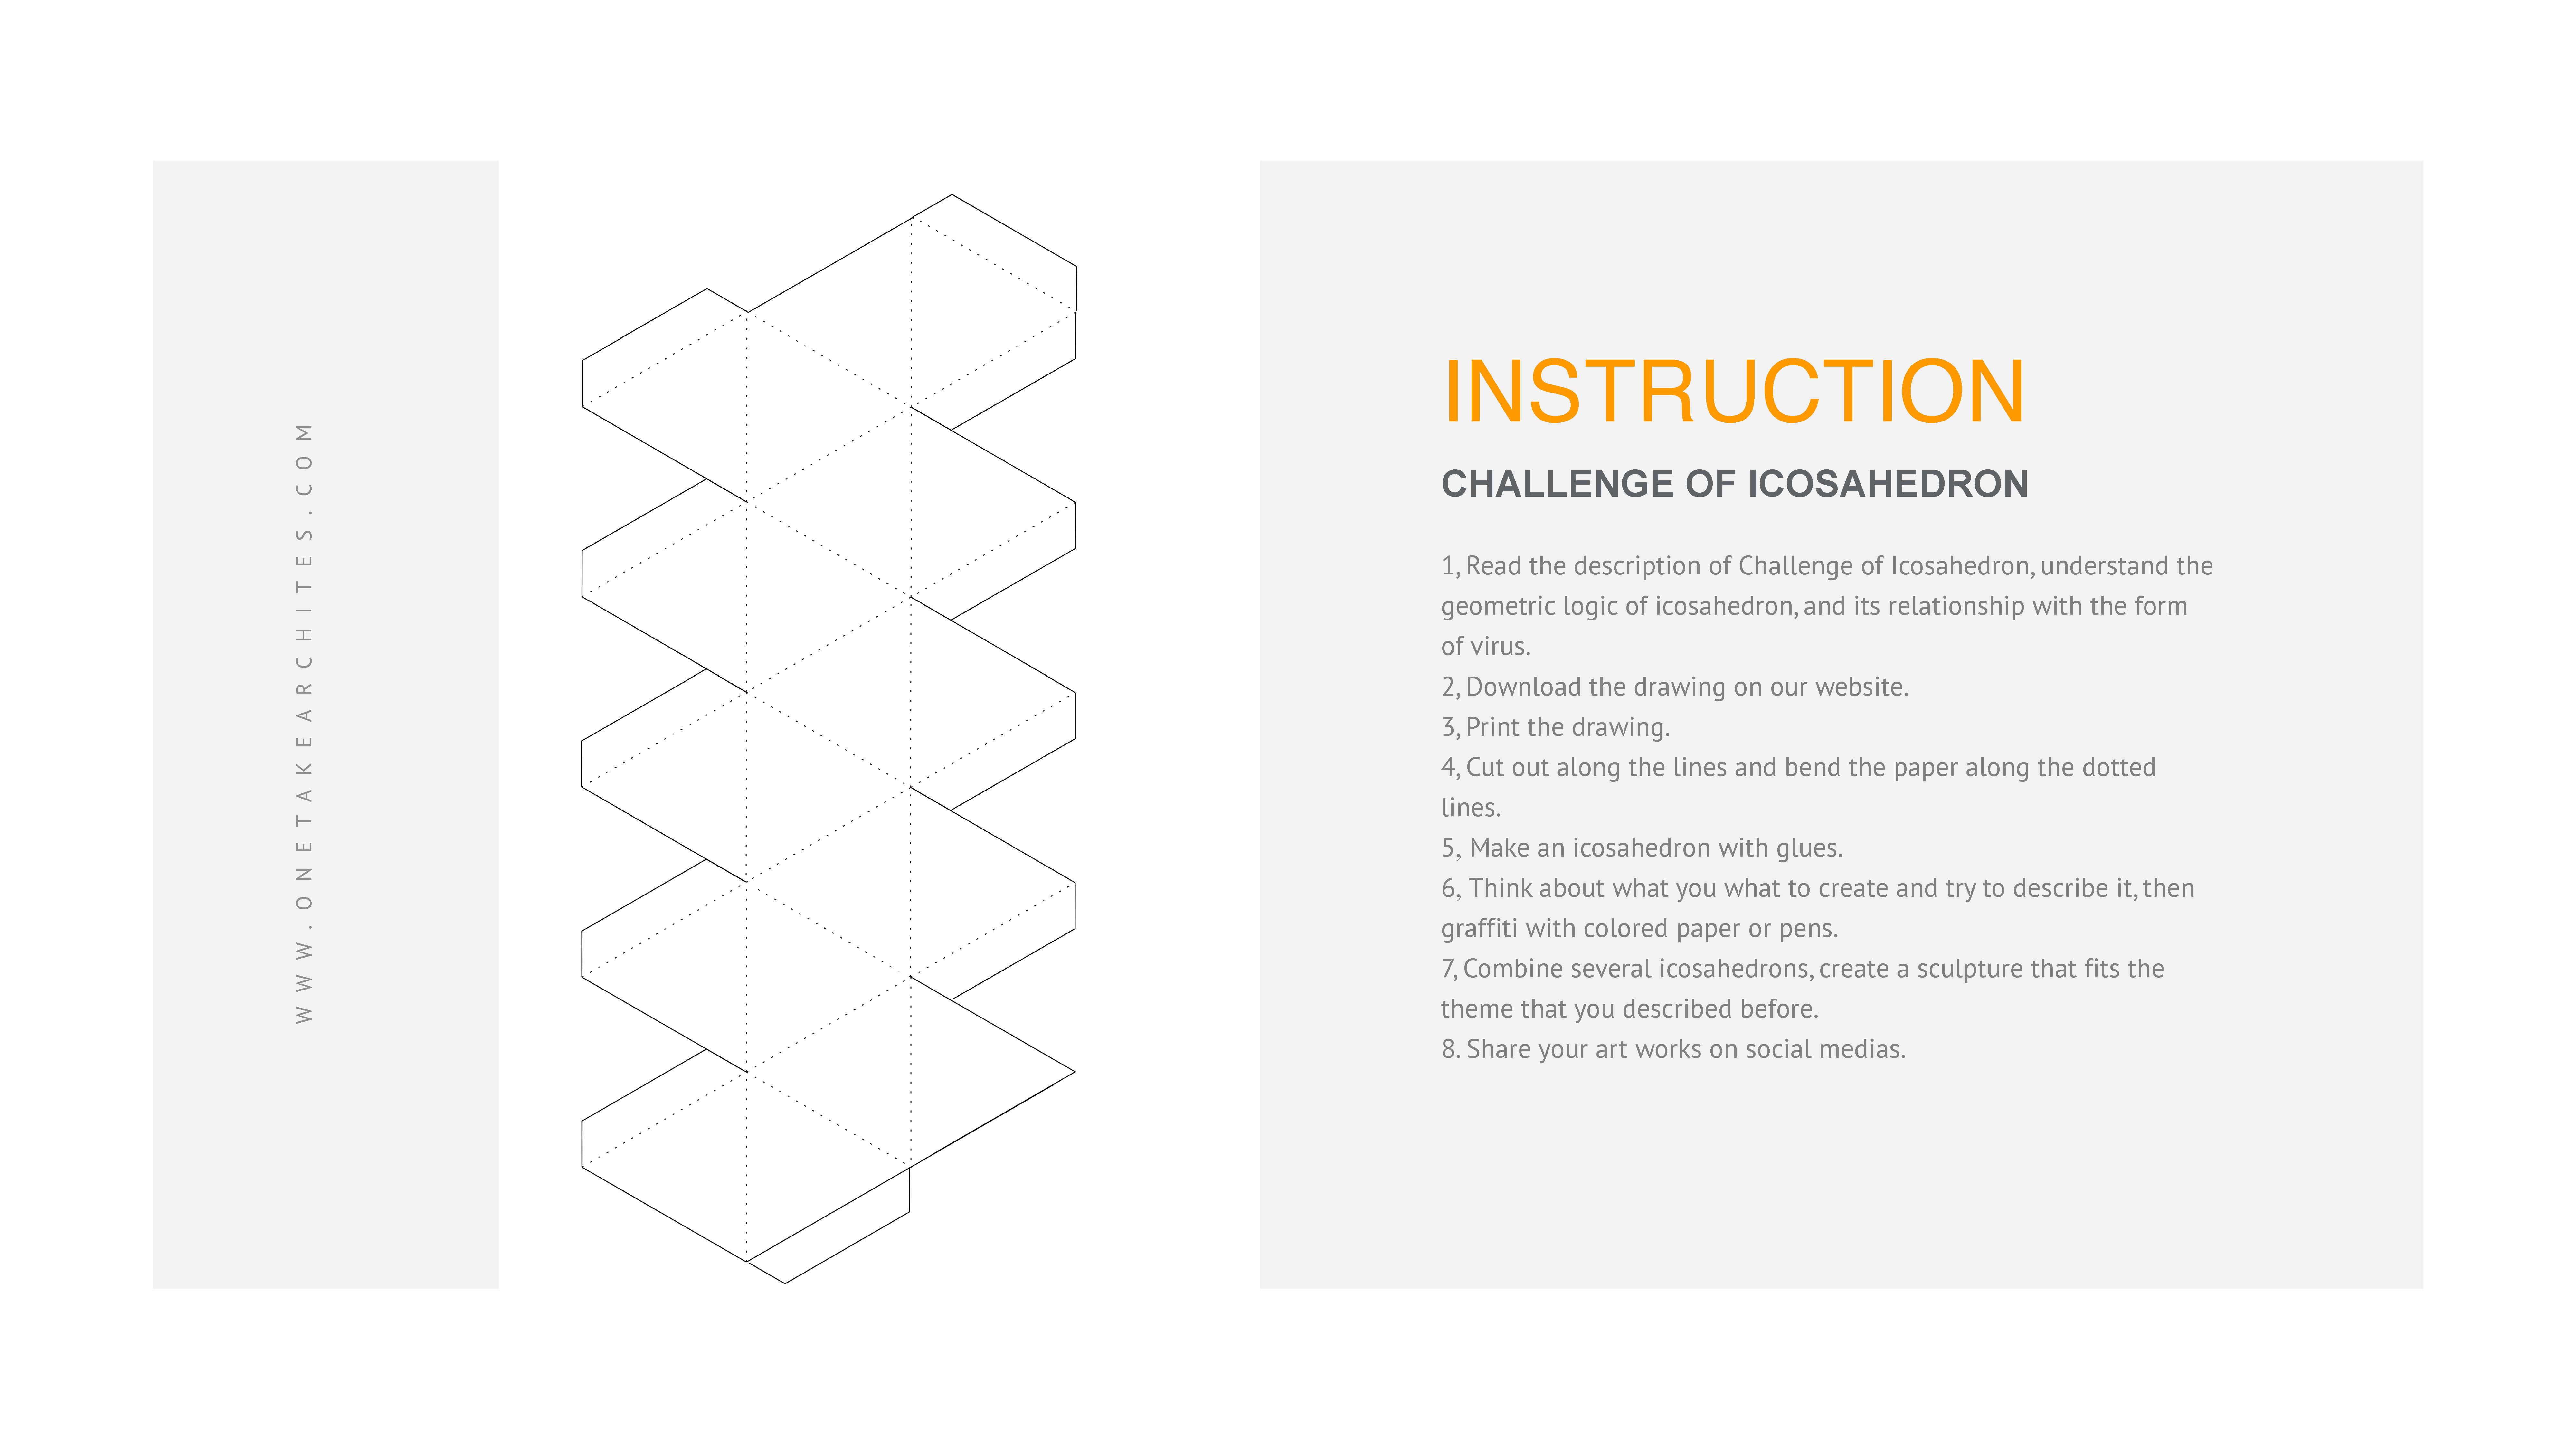 图纸-Challenge of Icosahedron